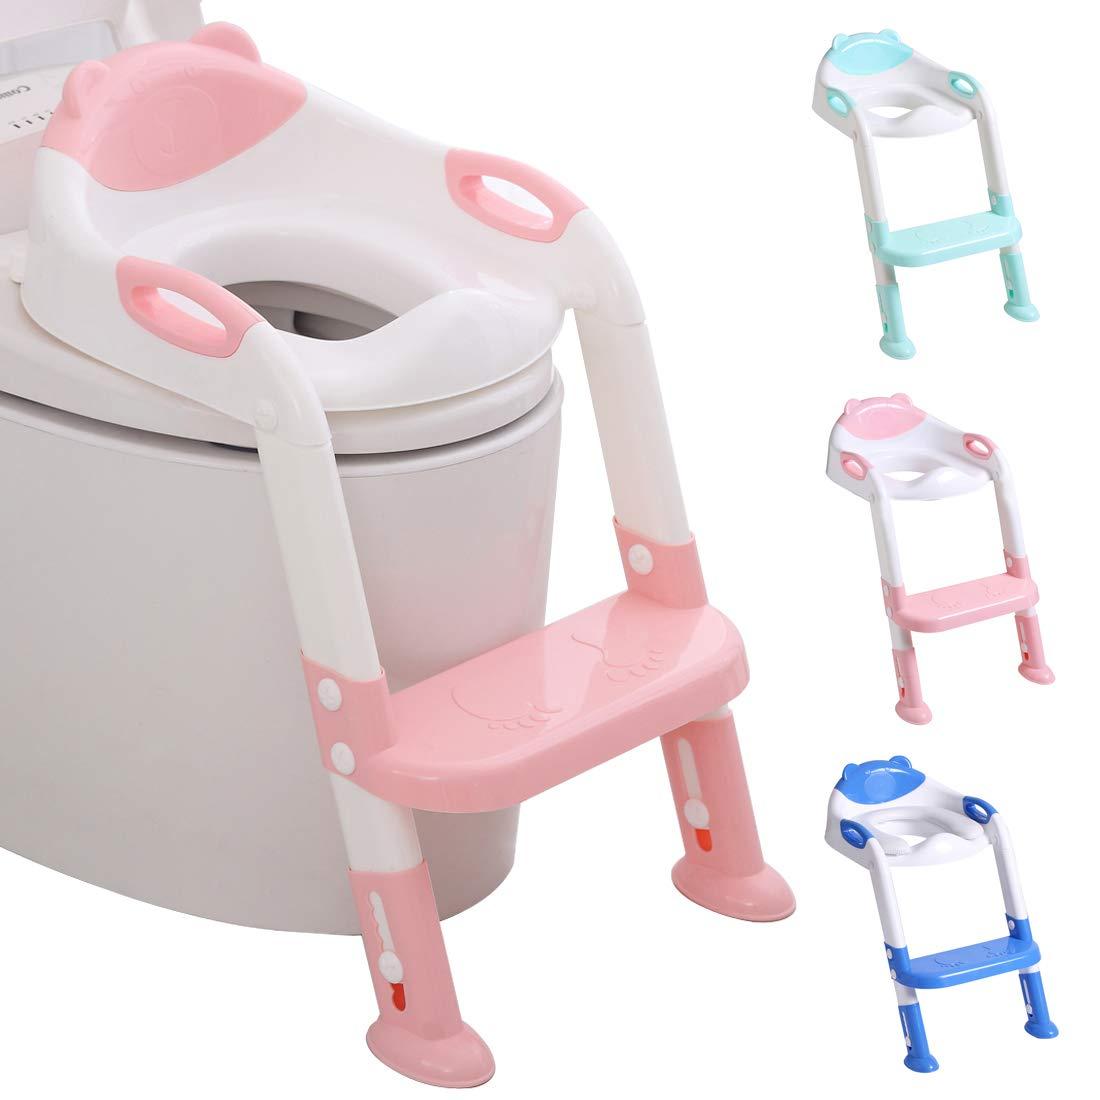 Adaptador Infantil para Inodoro con Escalera - Rosa y Blanco